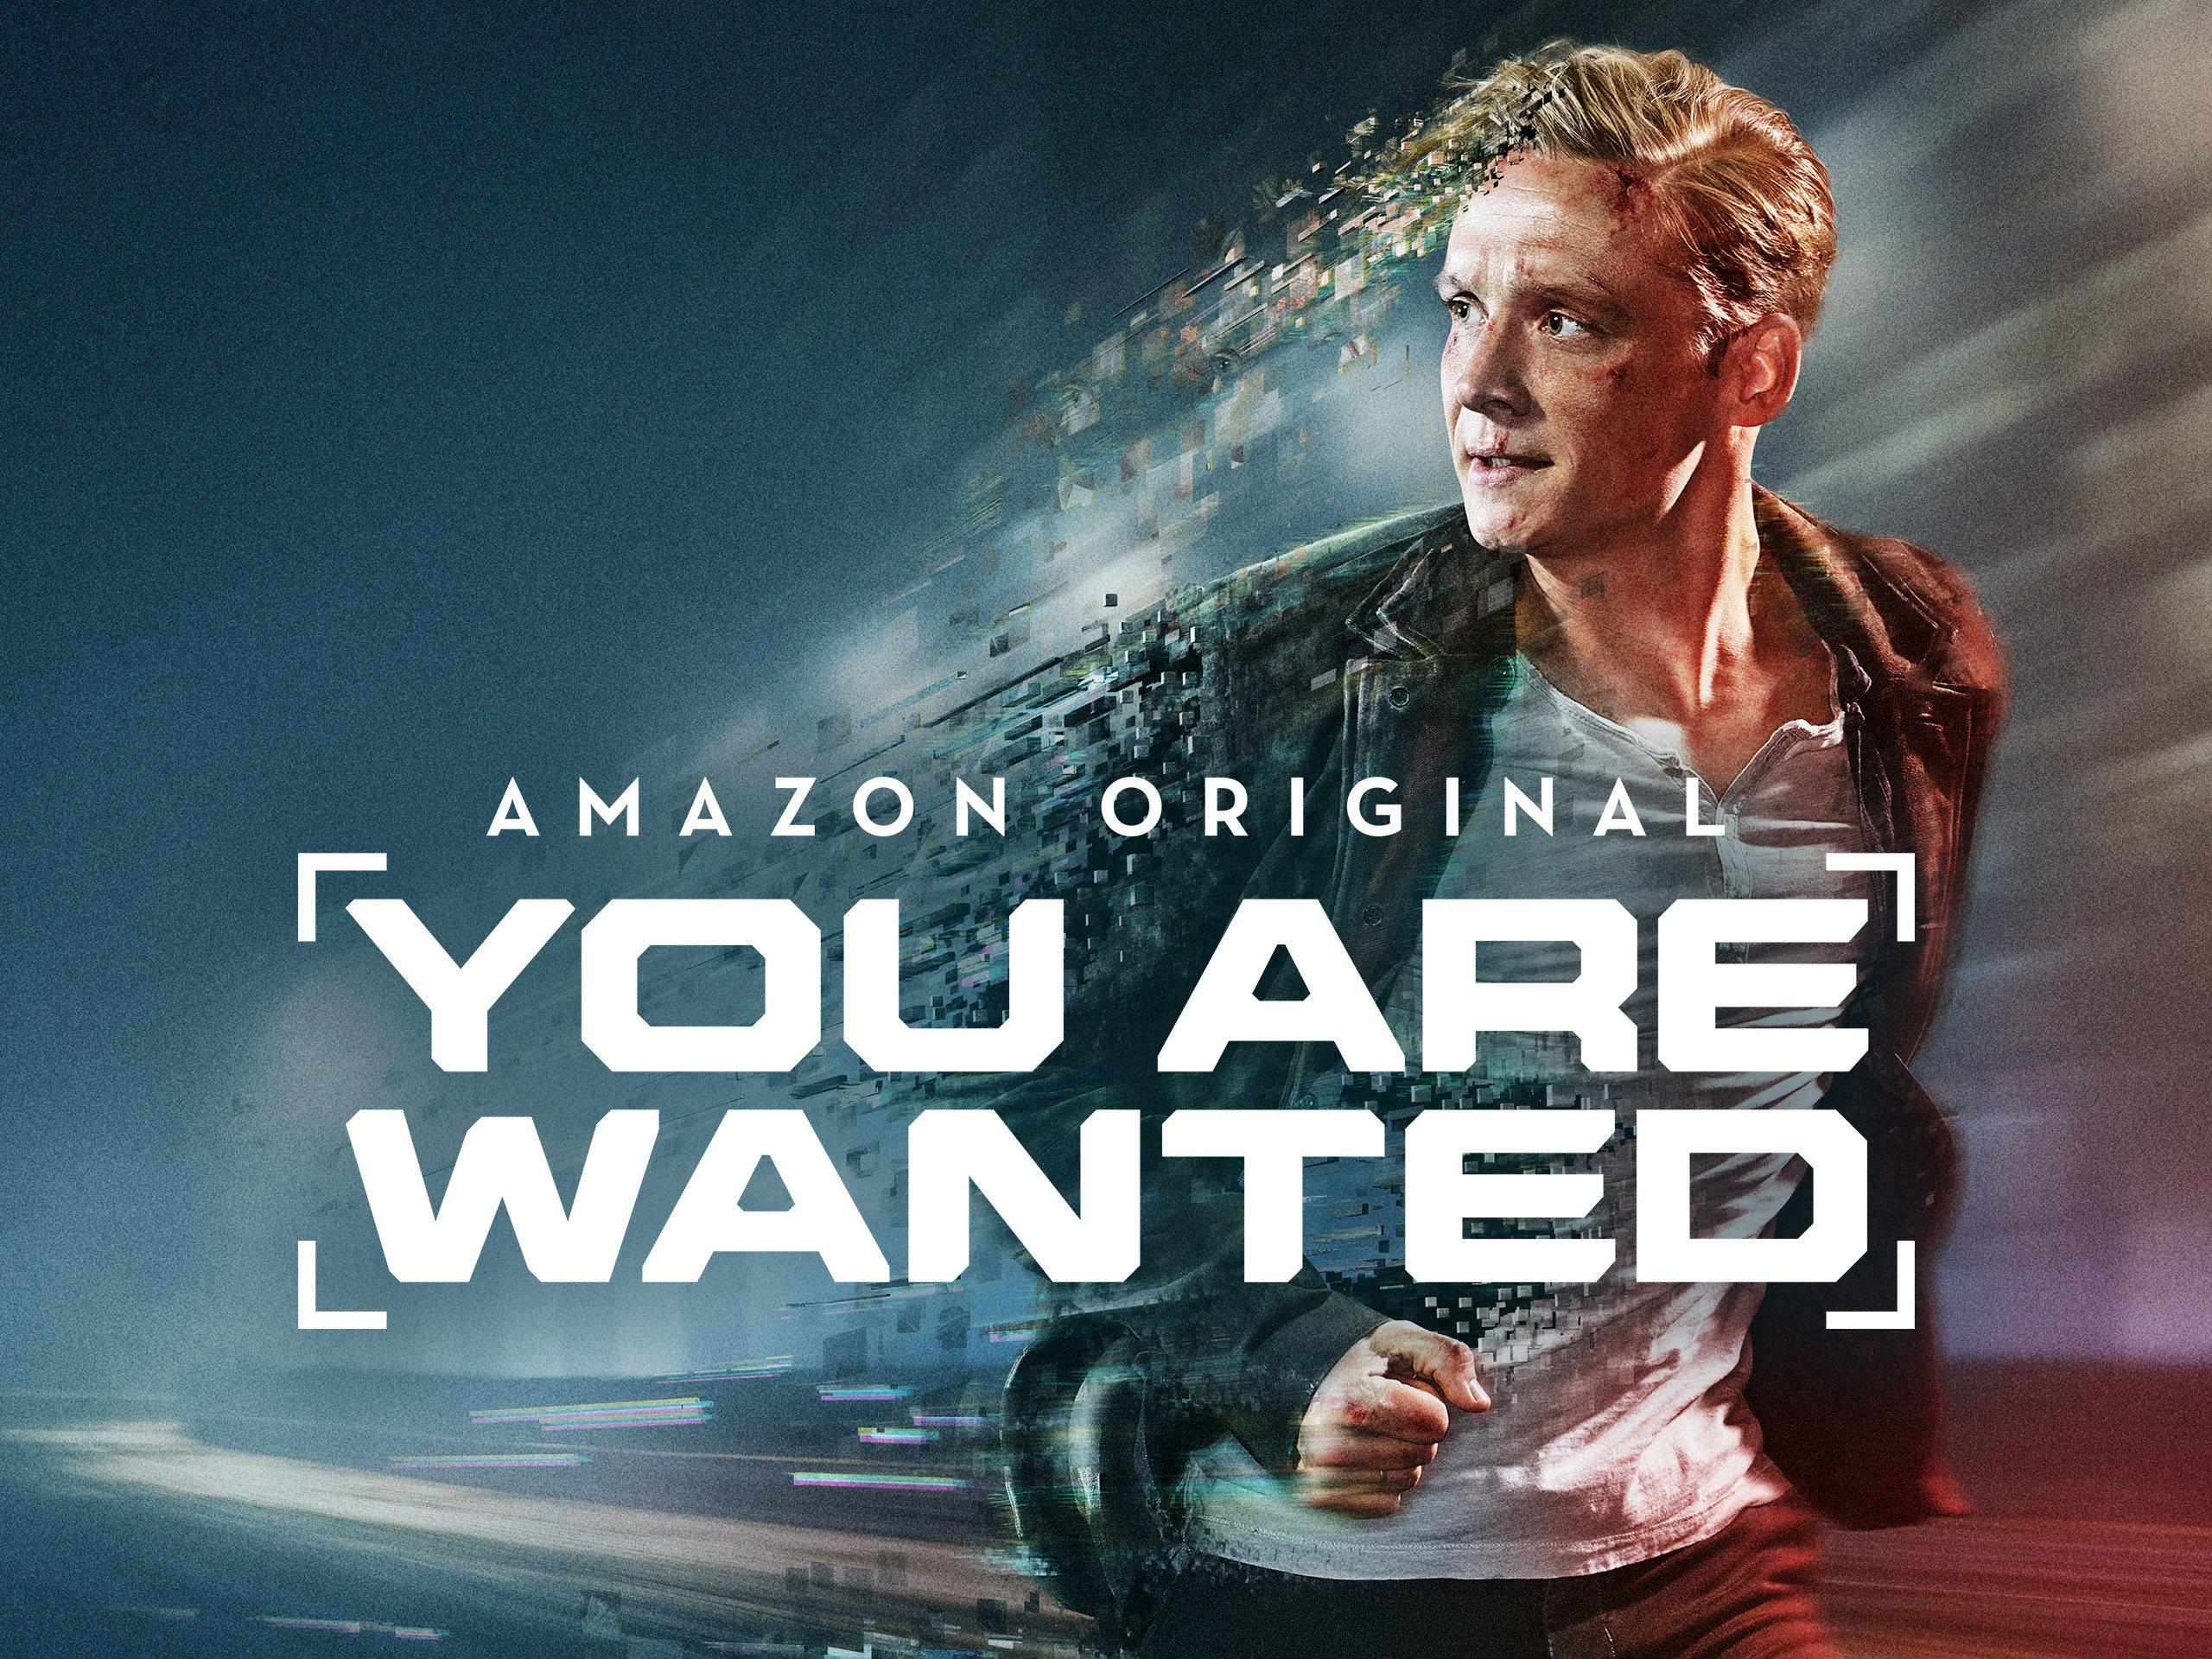 Amazon com pressekonferenz am 28 september kommt das amazon kindle - You Are Wanted Staffel 1 Online Schauen Und Streamen Bei Amazon Instant Video Amazons Online Videothek